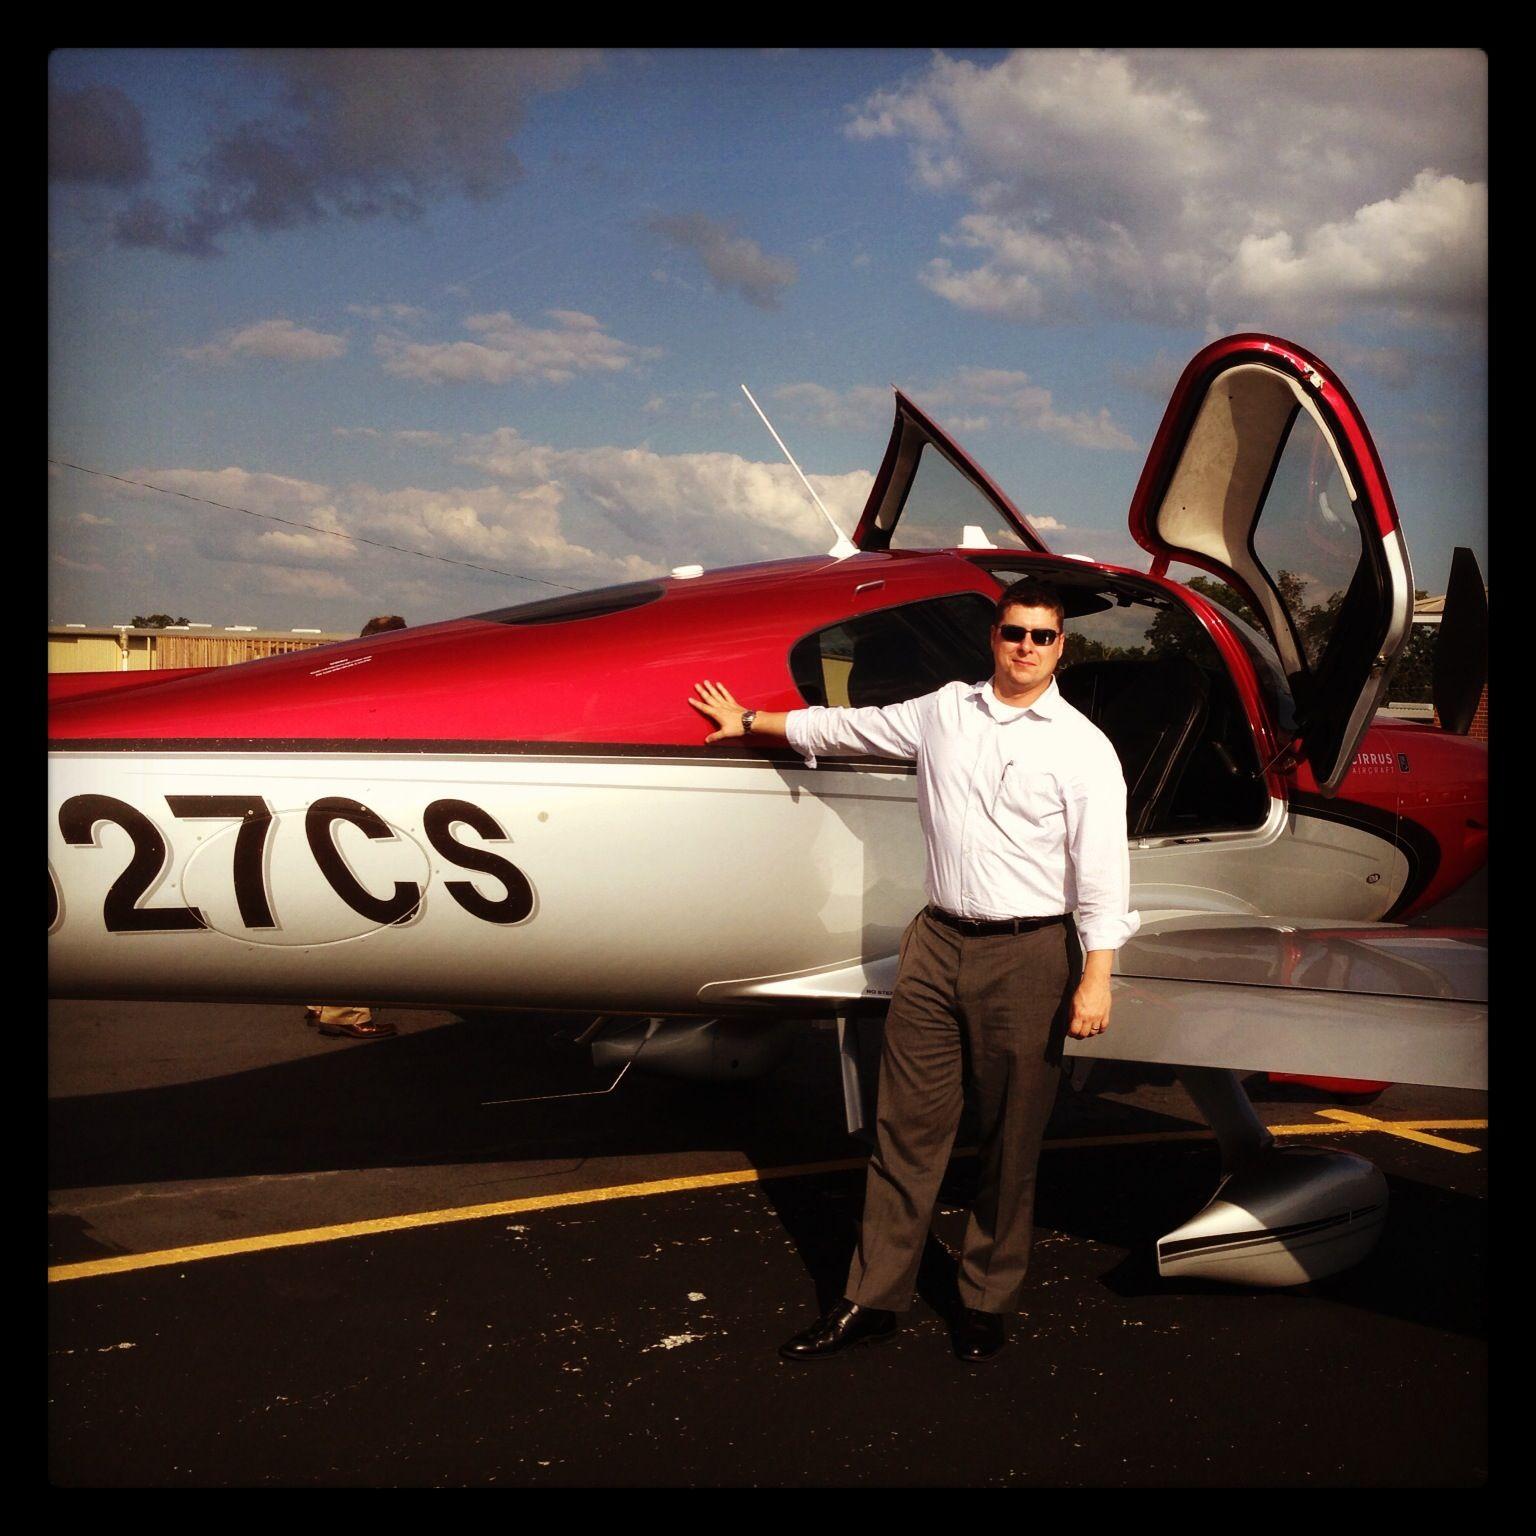 Home Aviation, Aircraft, Passenger